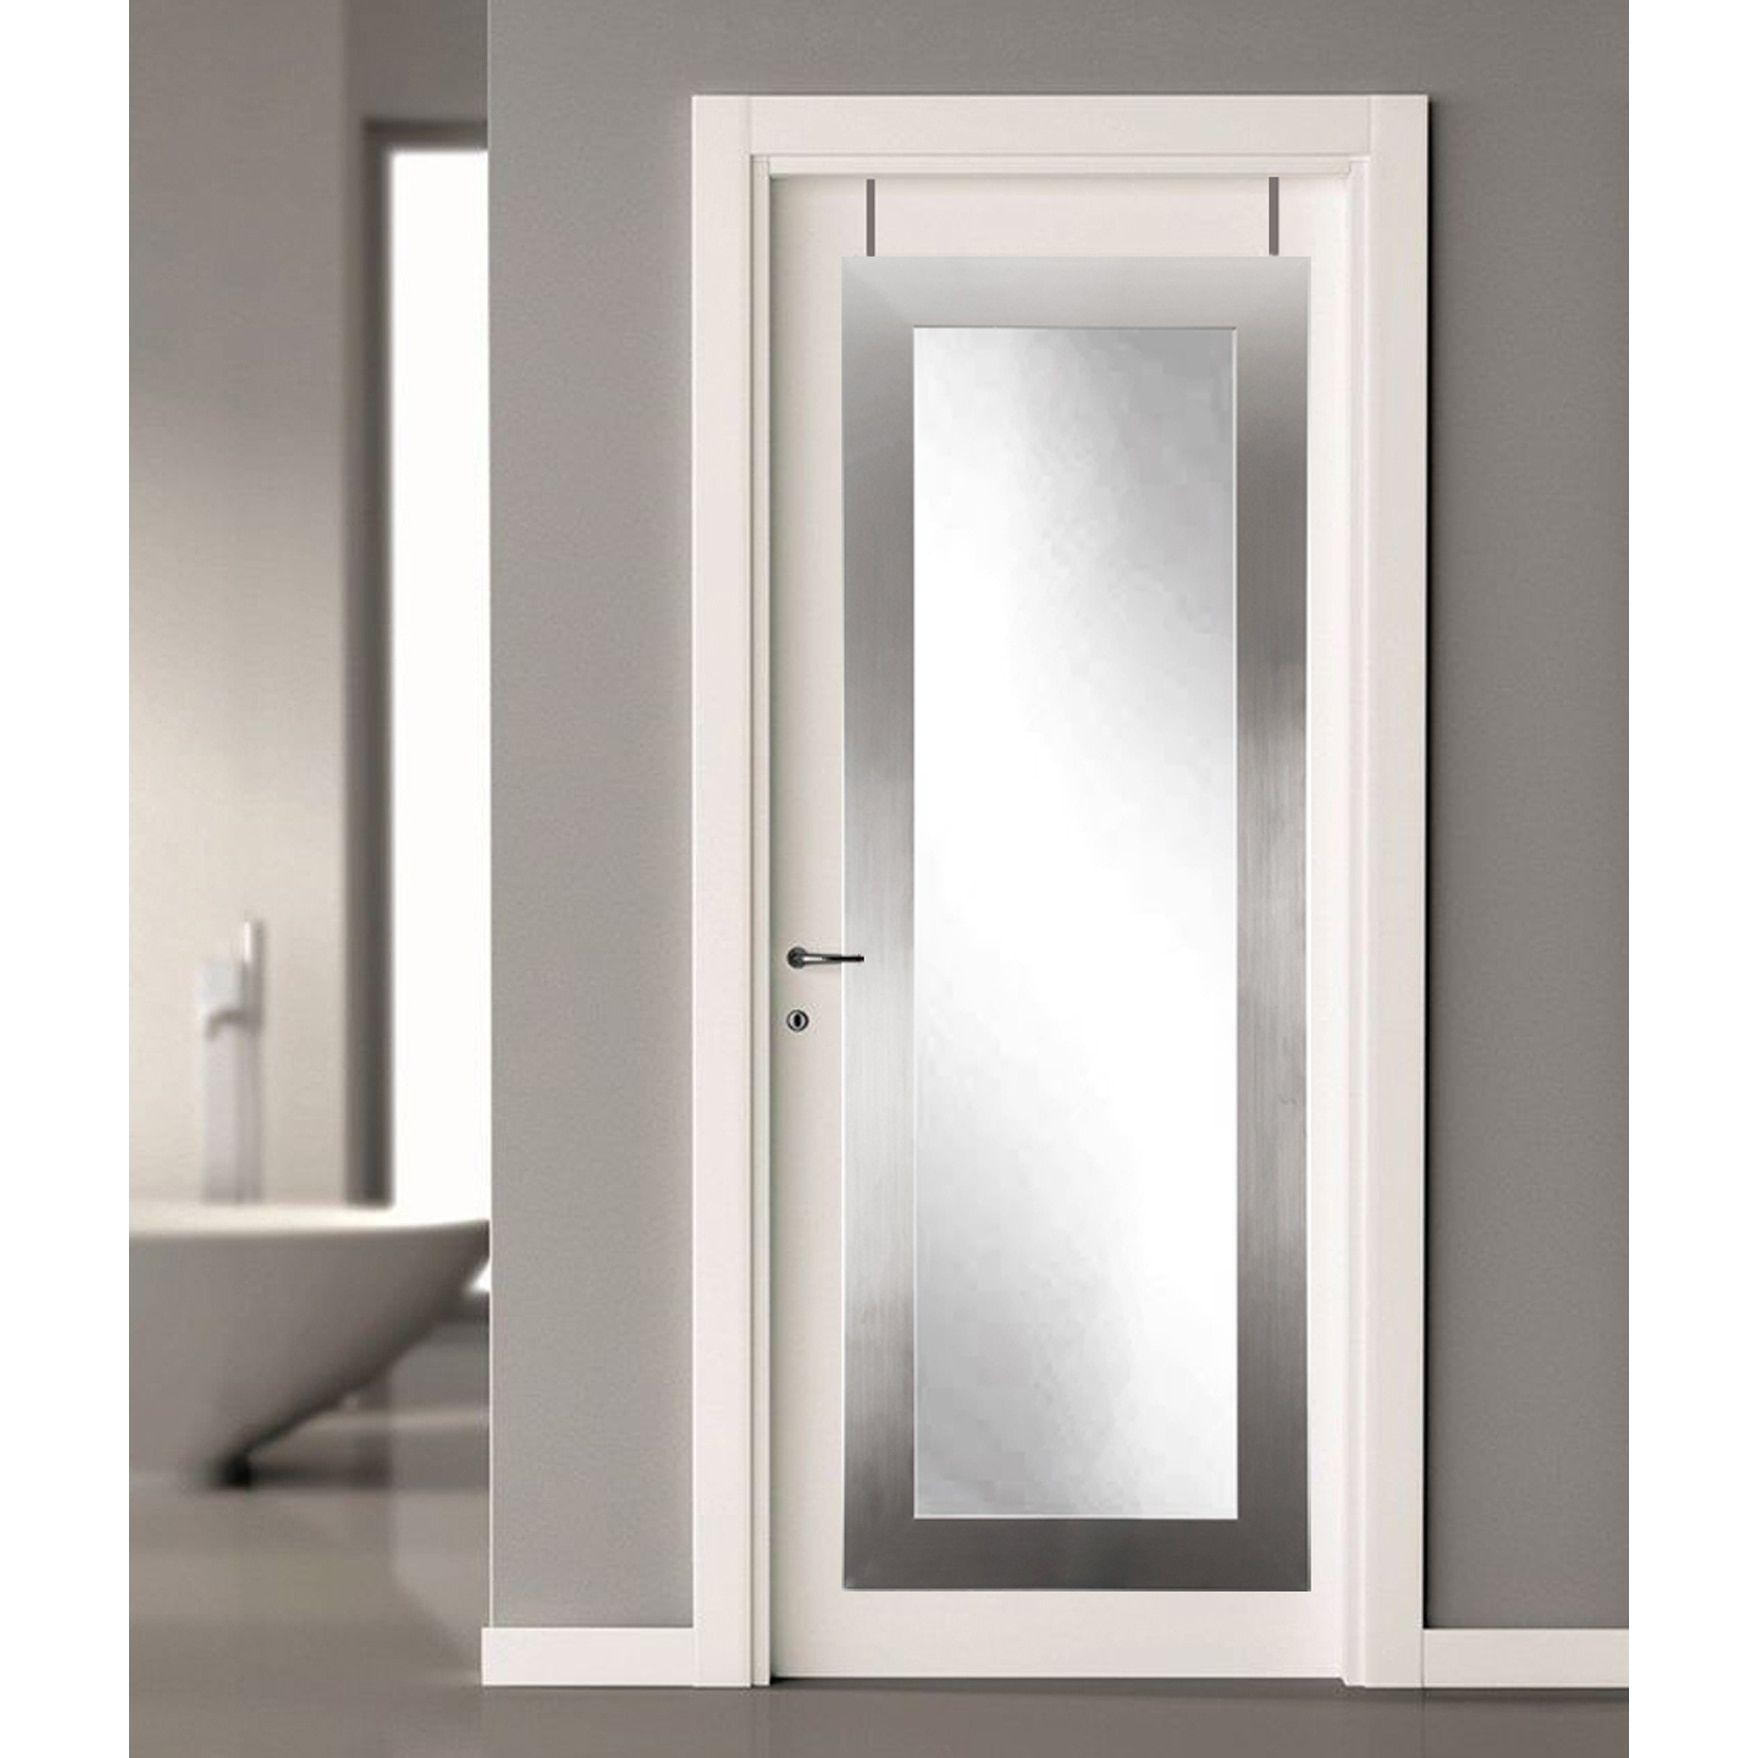 Overstock Com Online Shopping Bedding Furniture Electronics Jewelry Clothing More In 2020 Over The Door Mirror Mirror Door Dressing Mirror